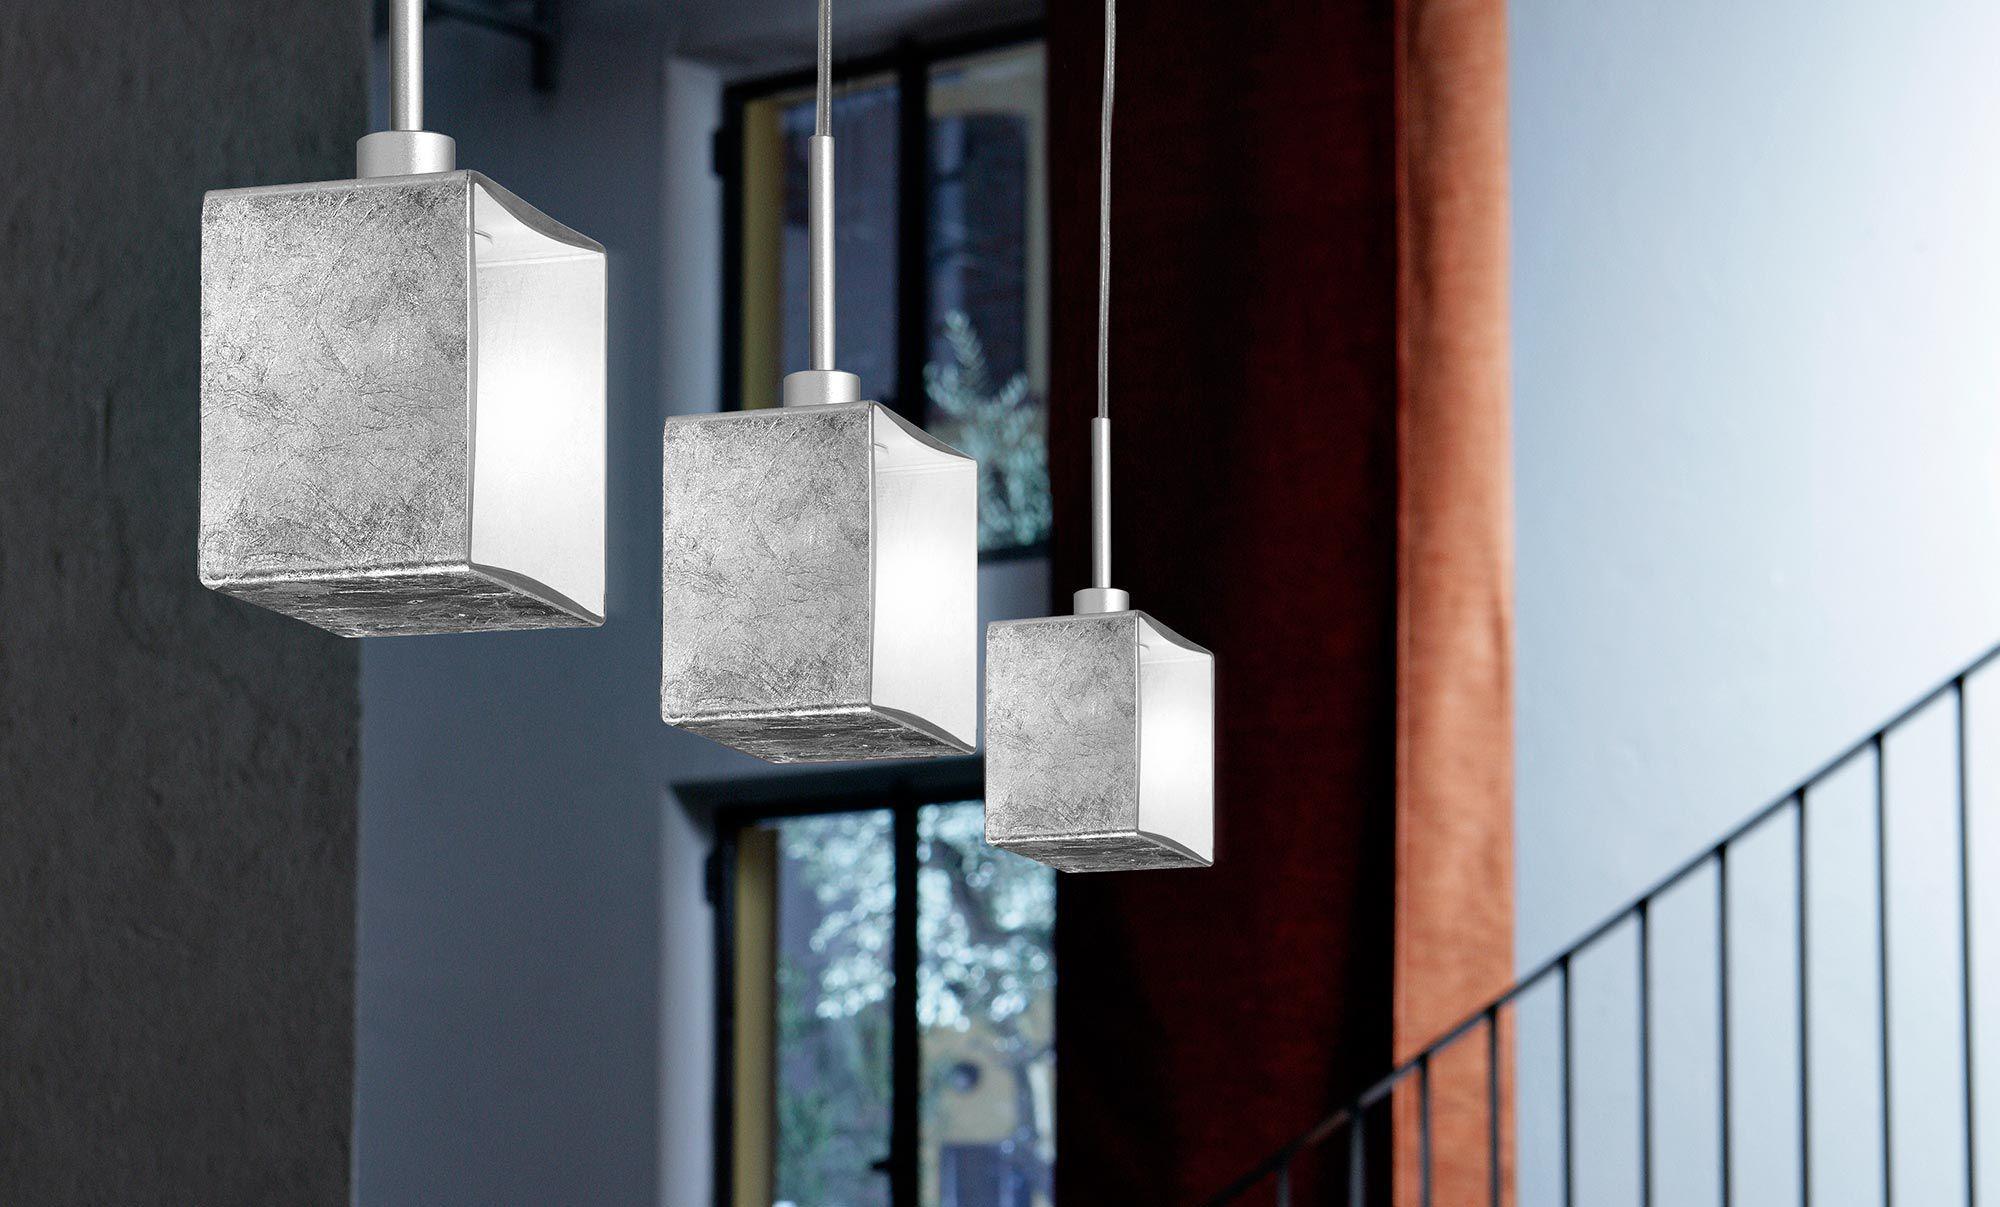 Lampade In Vetro Soffiato : Lampada a sospensione moderna in vetro soffiato alogena